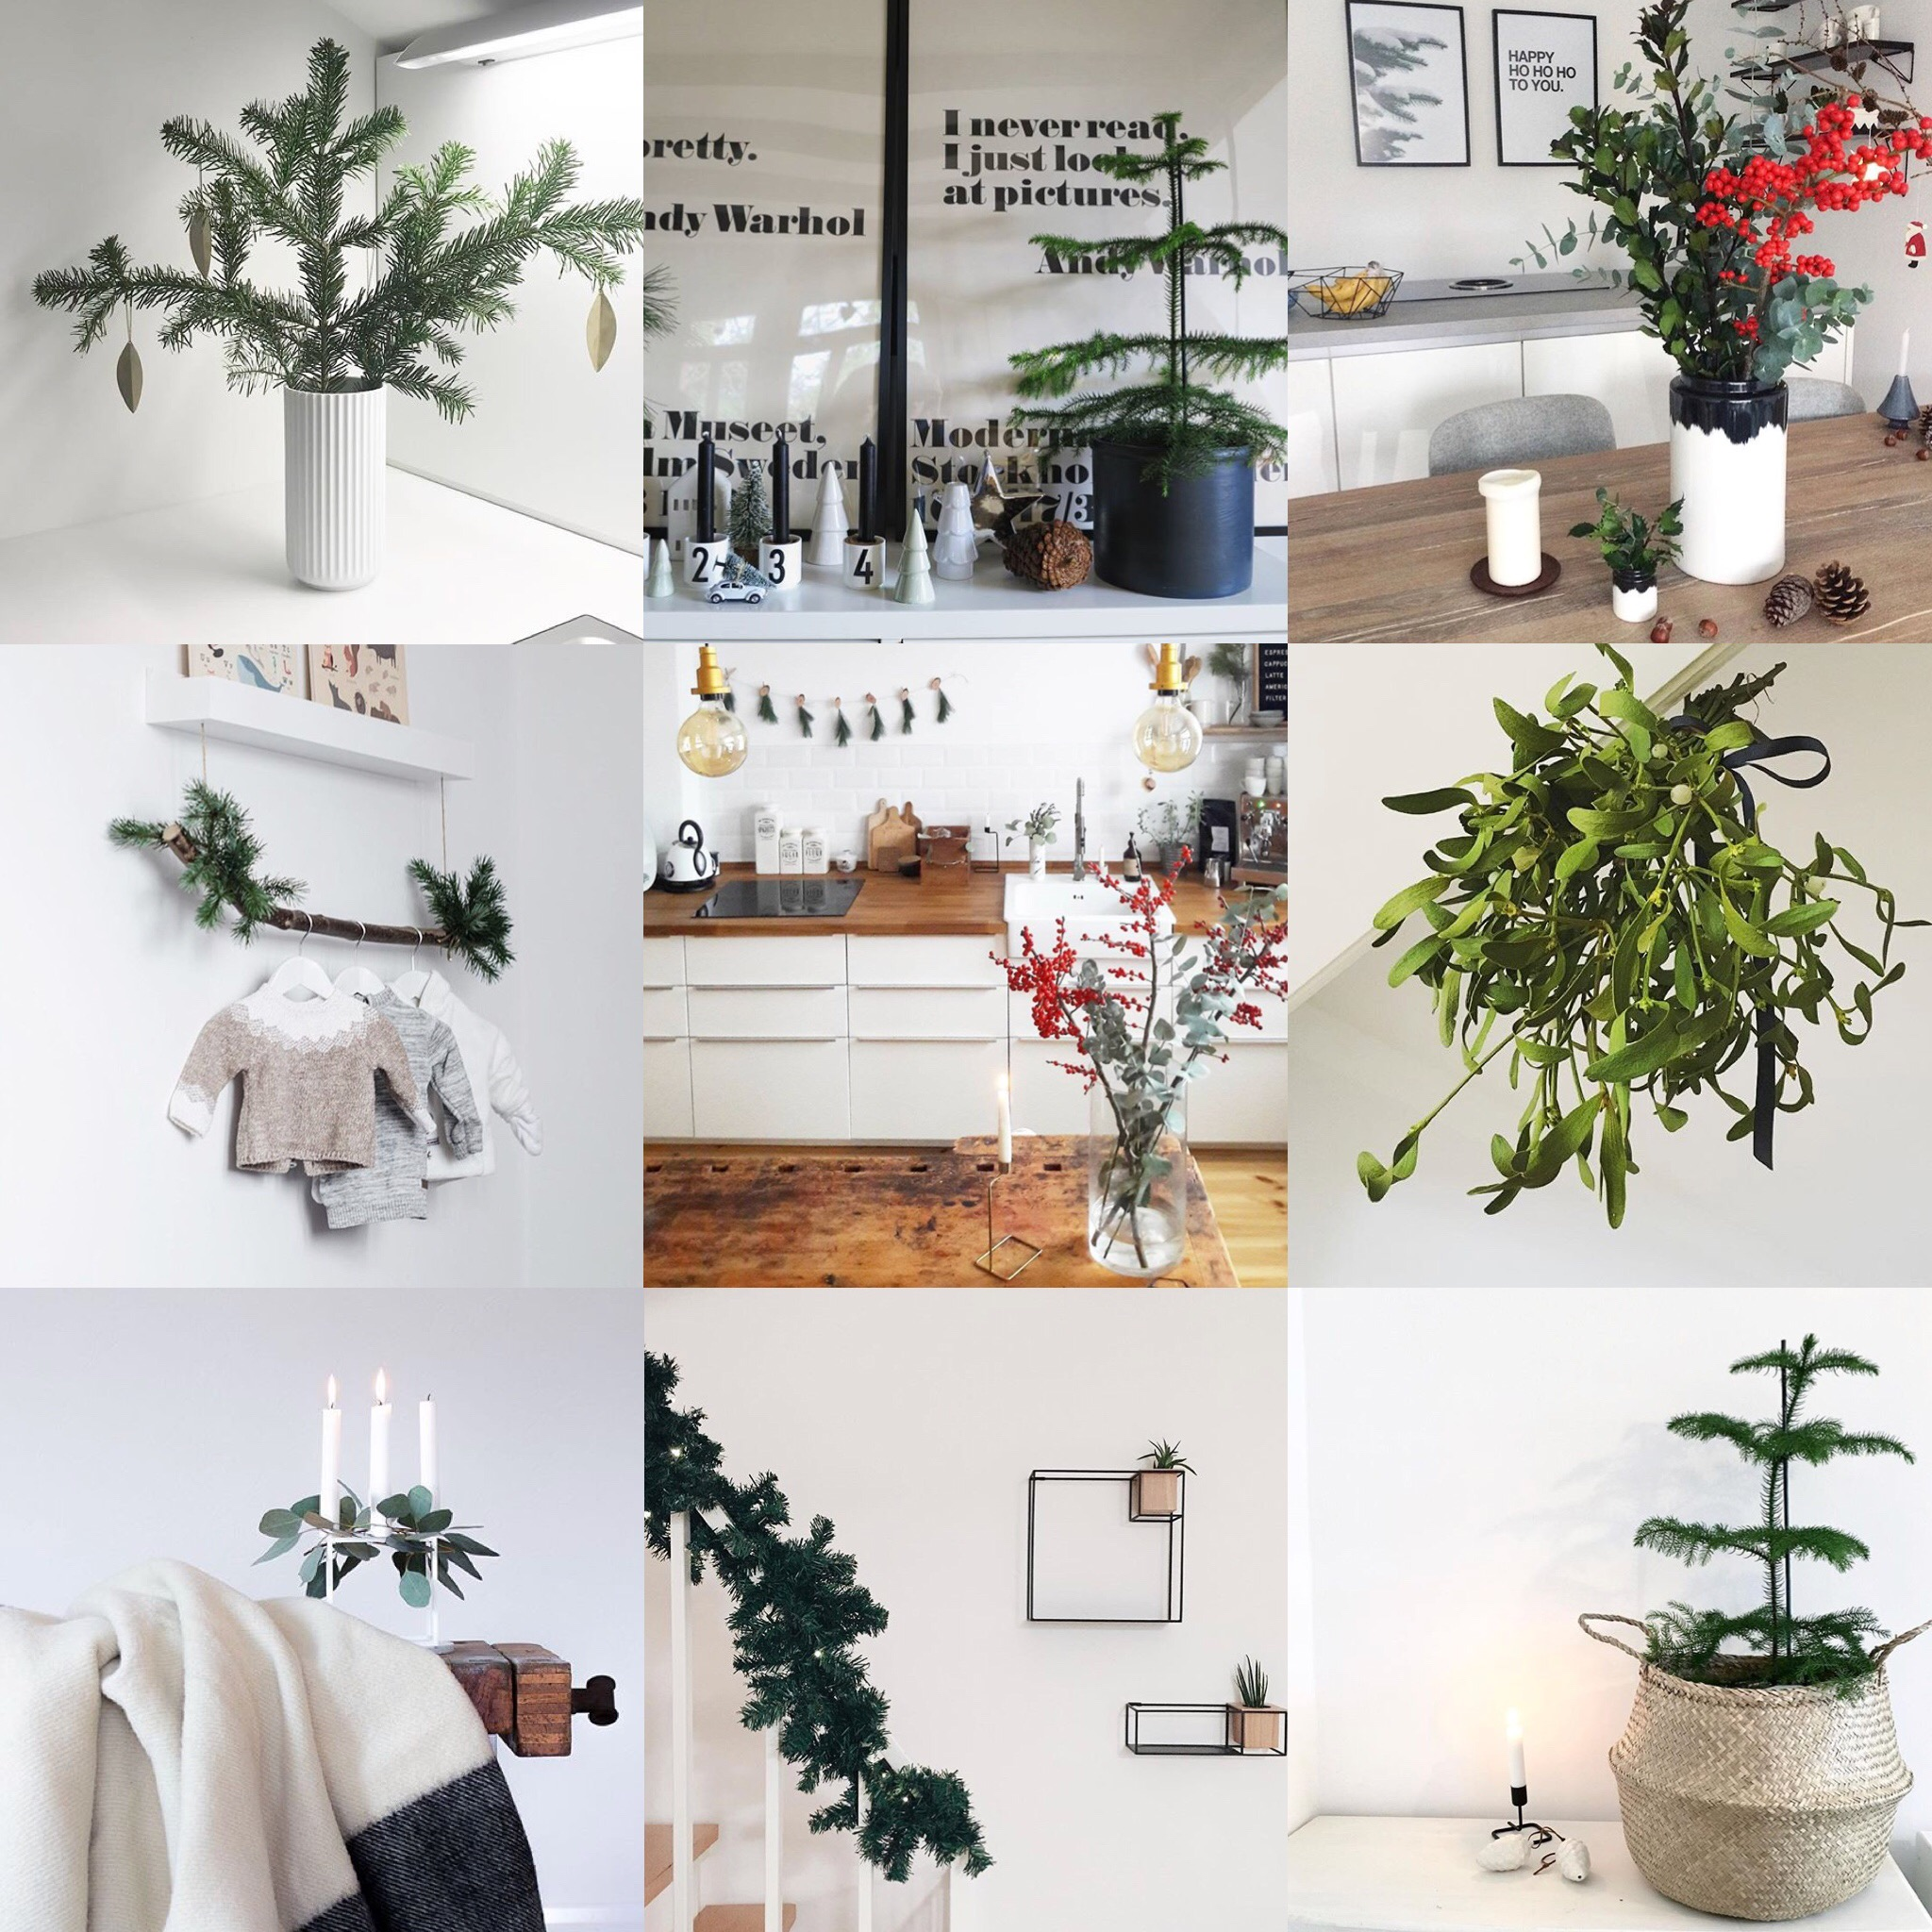 #zeigdein_traumzuhause Instagram Winterchallenge Weihnachtschallenge